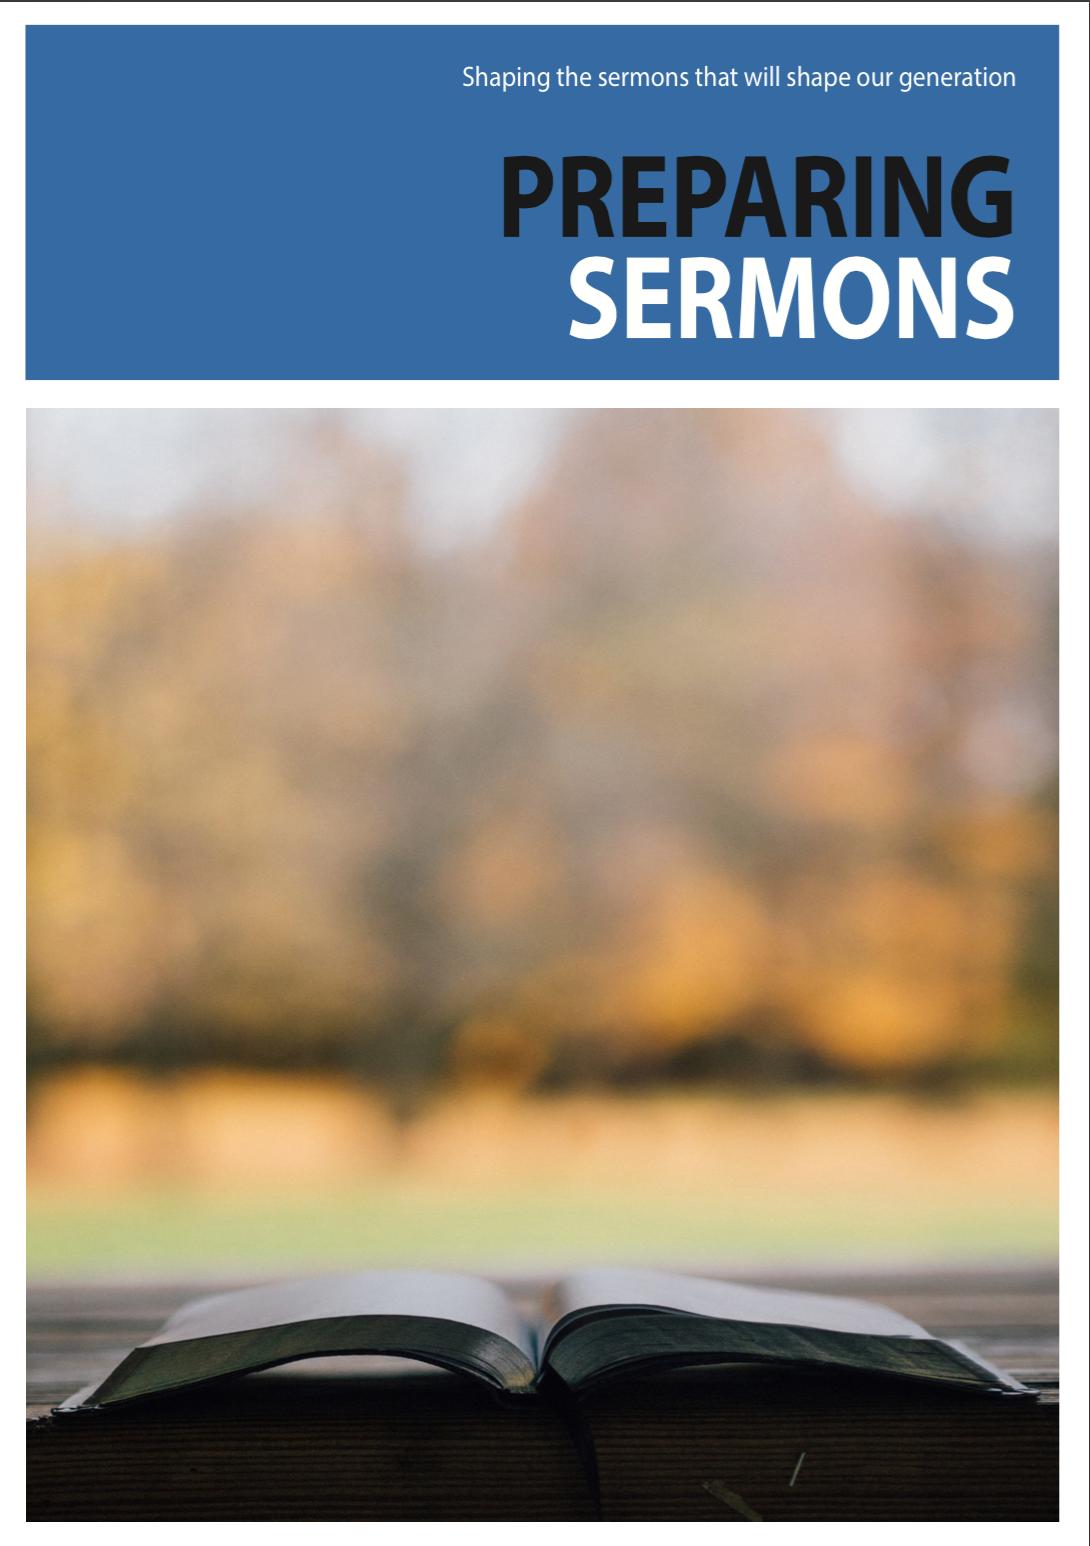 Preparing-Sermons.png